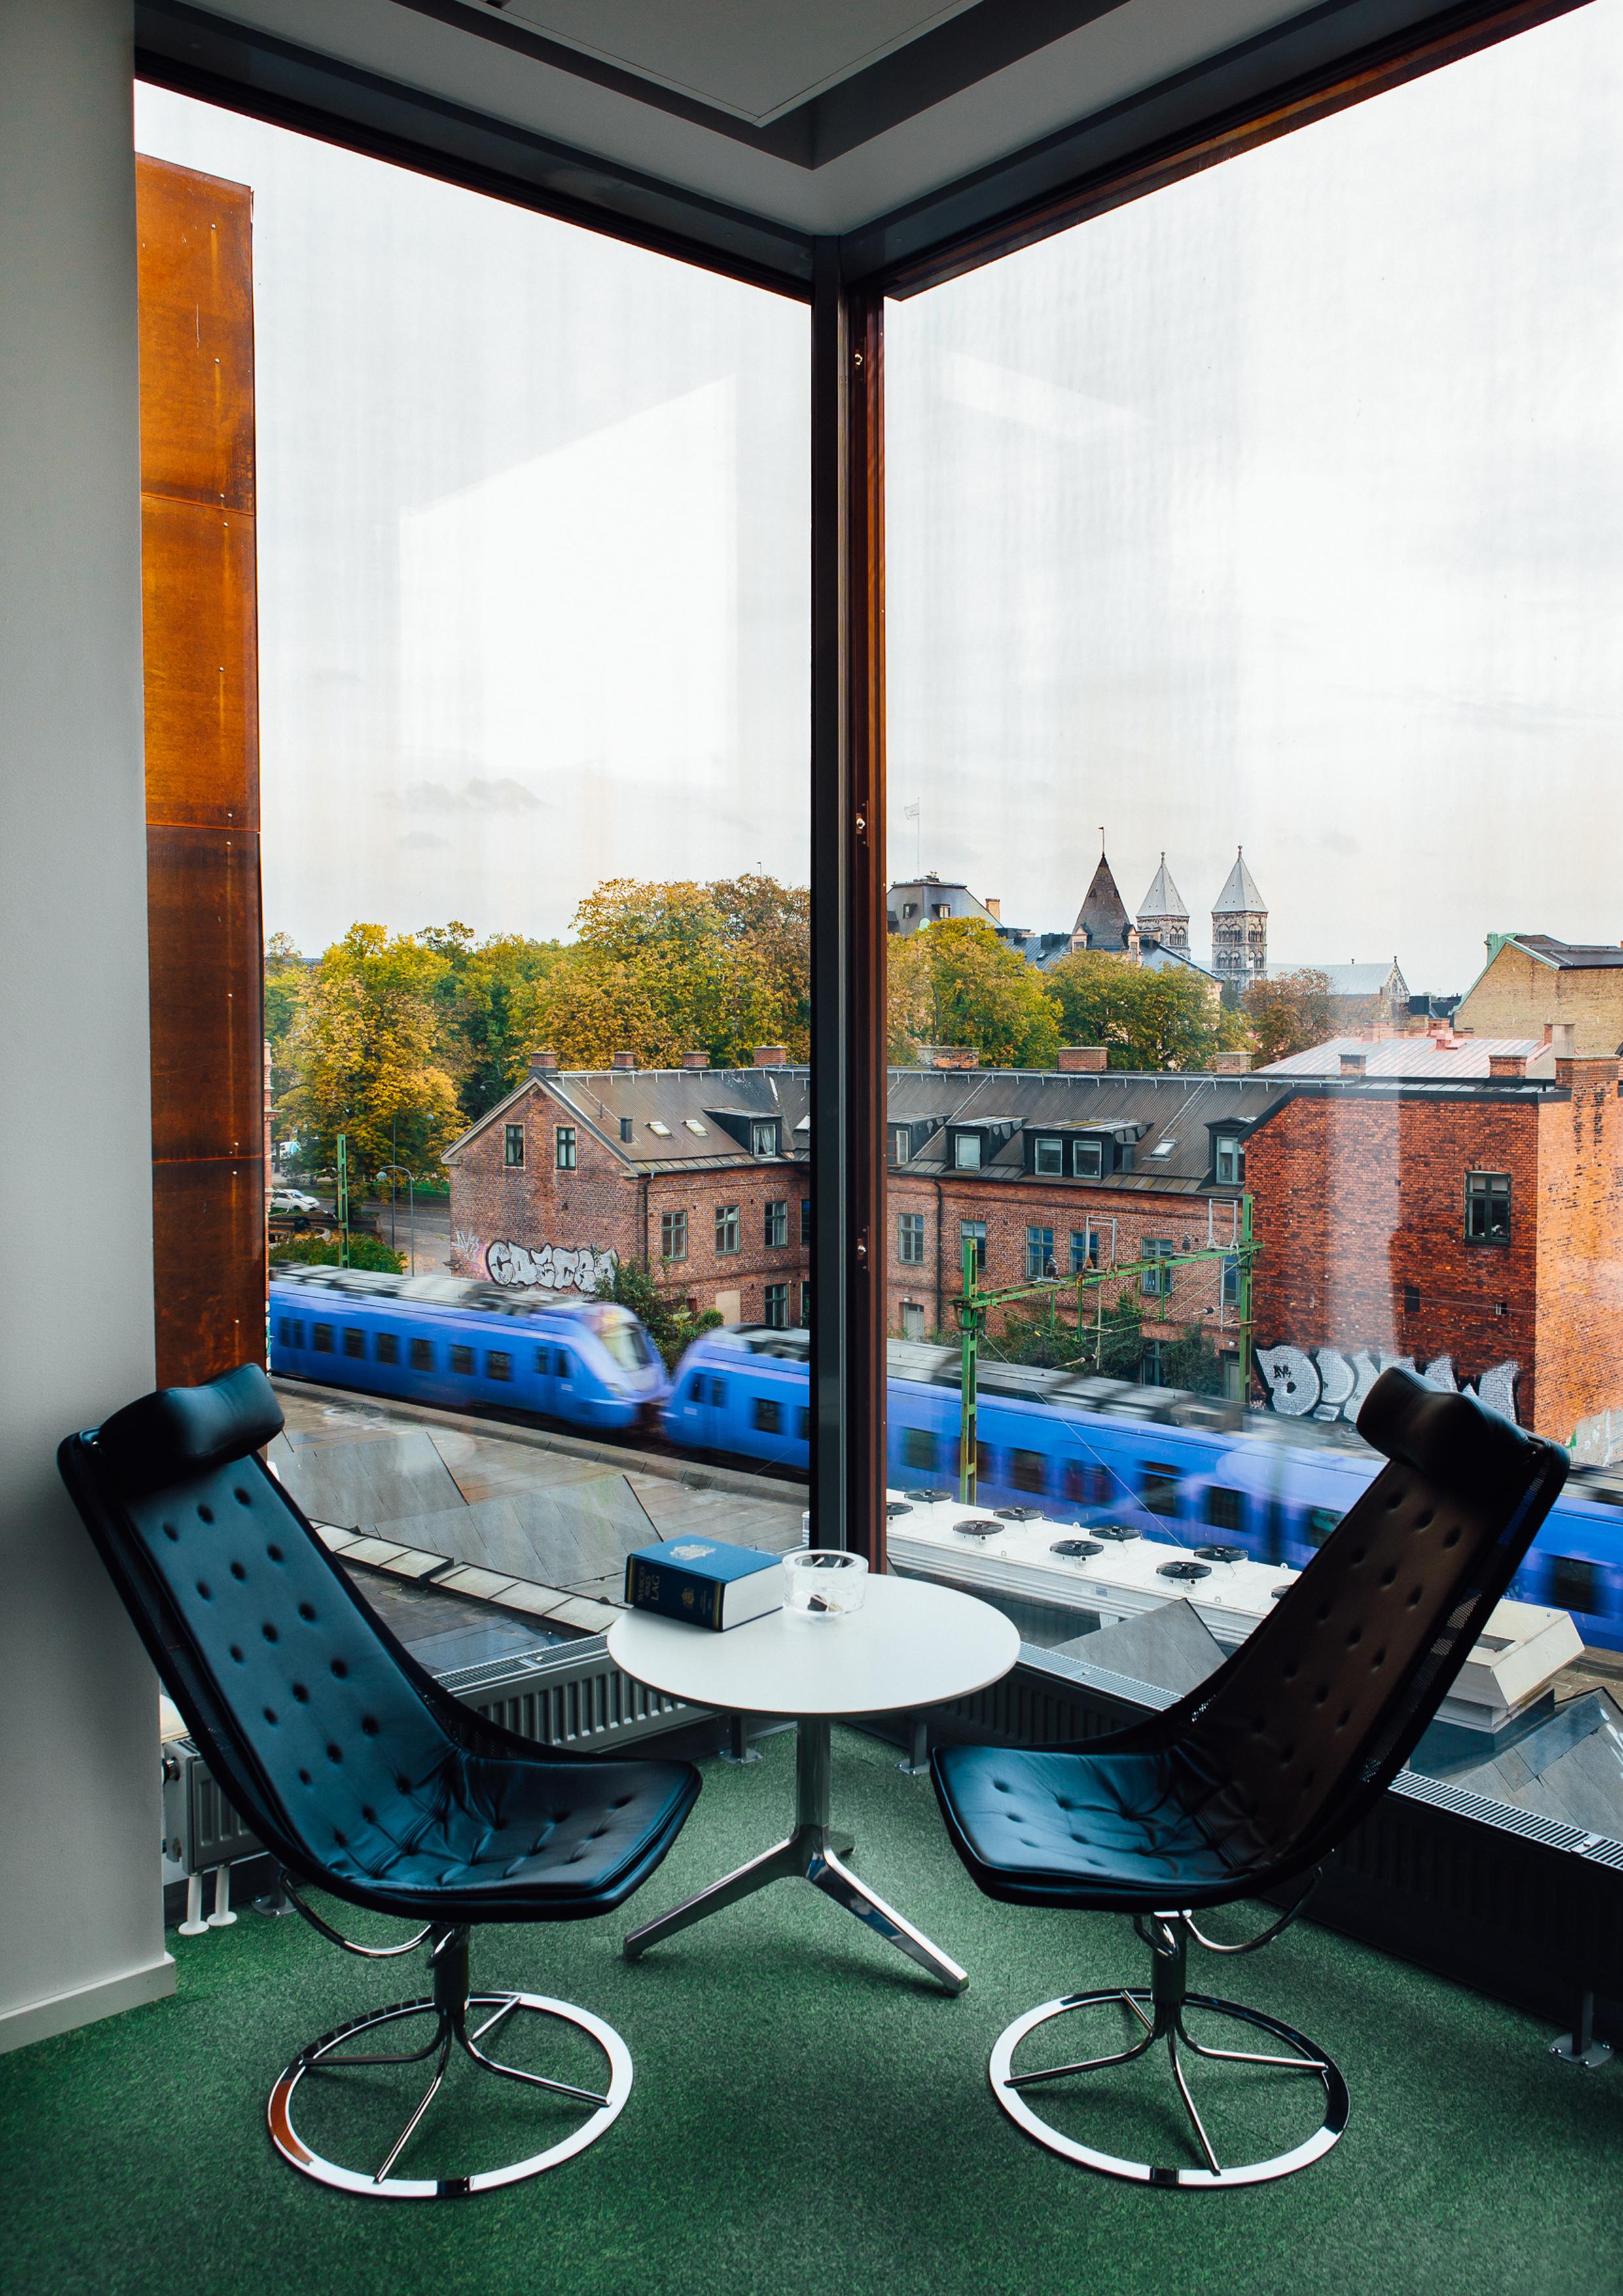 Interiörbild från en av de utkragande mötesboxarna med Lunds Domkyrka i fond. Foto: John Resborn